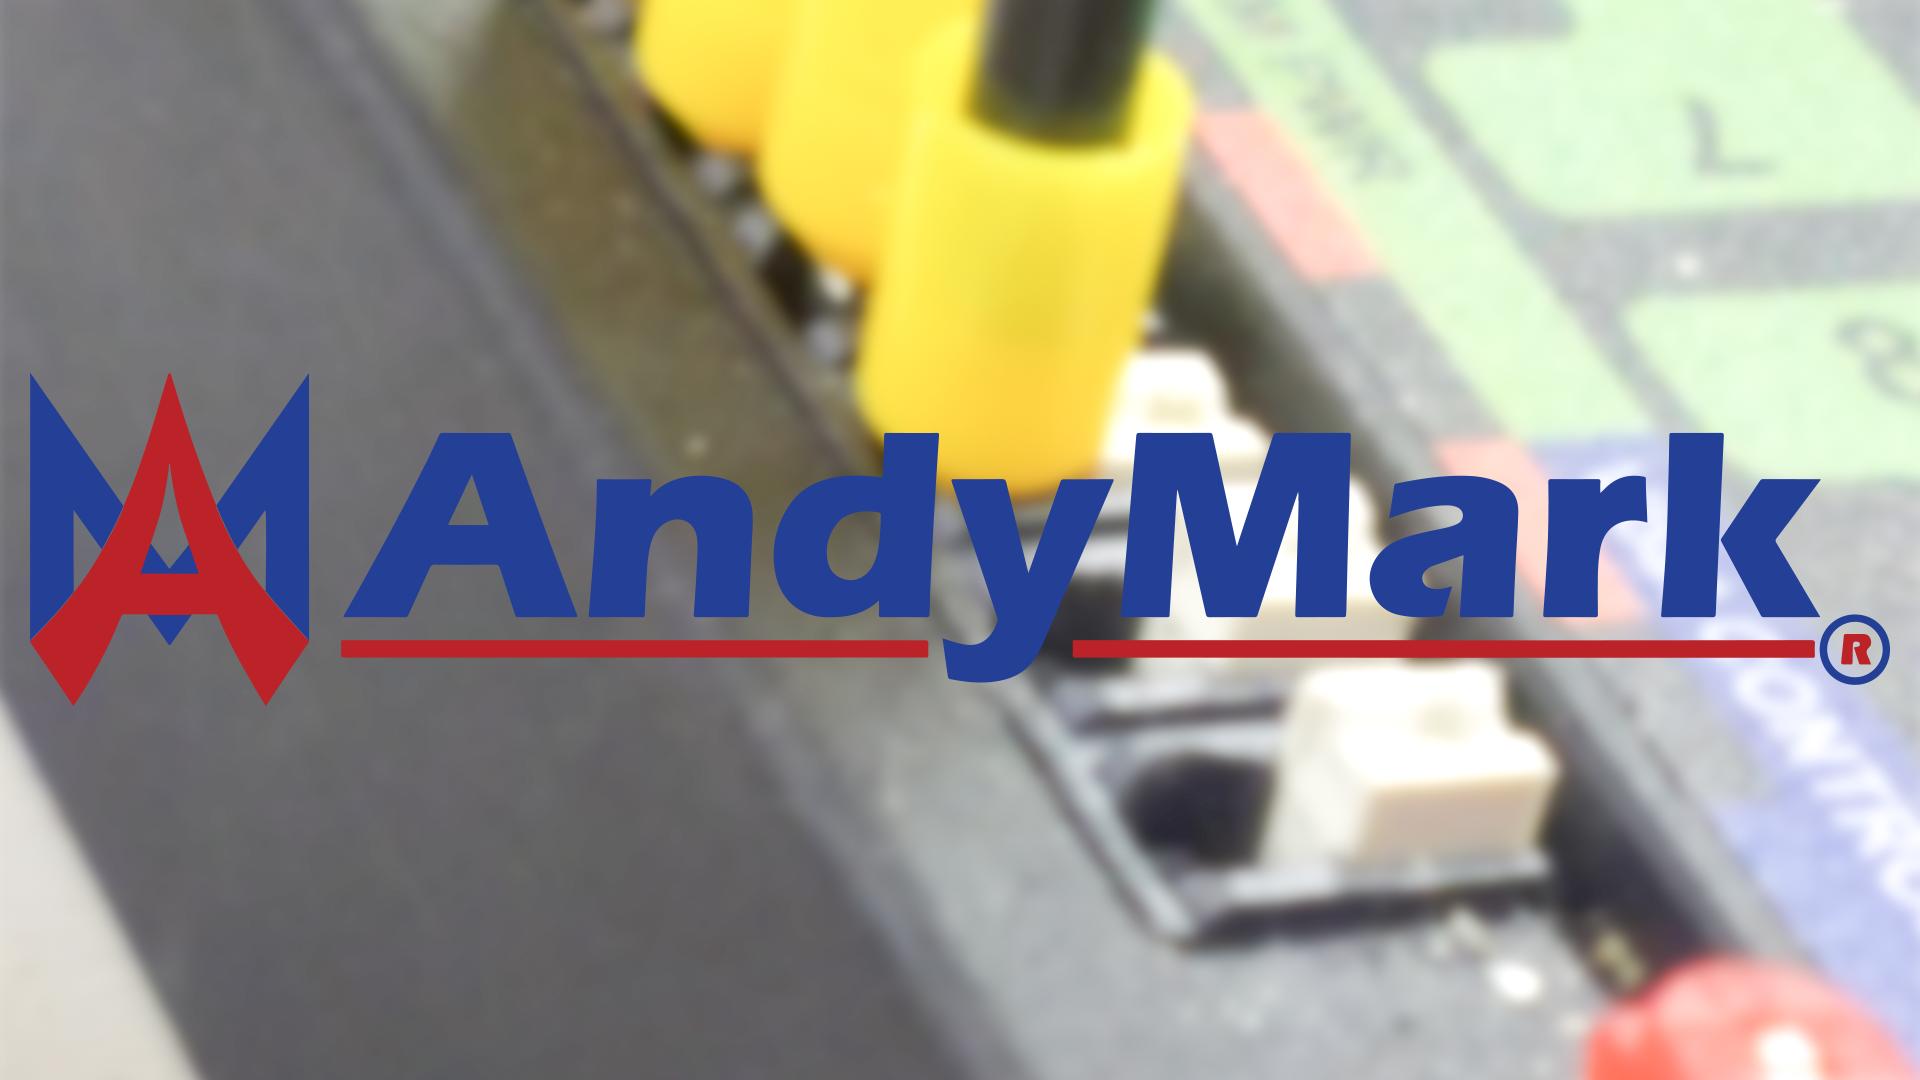 AndyMark.png